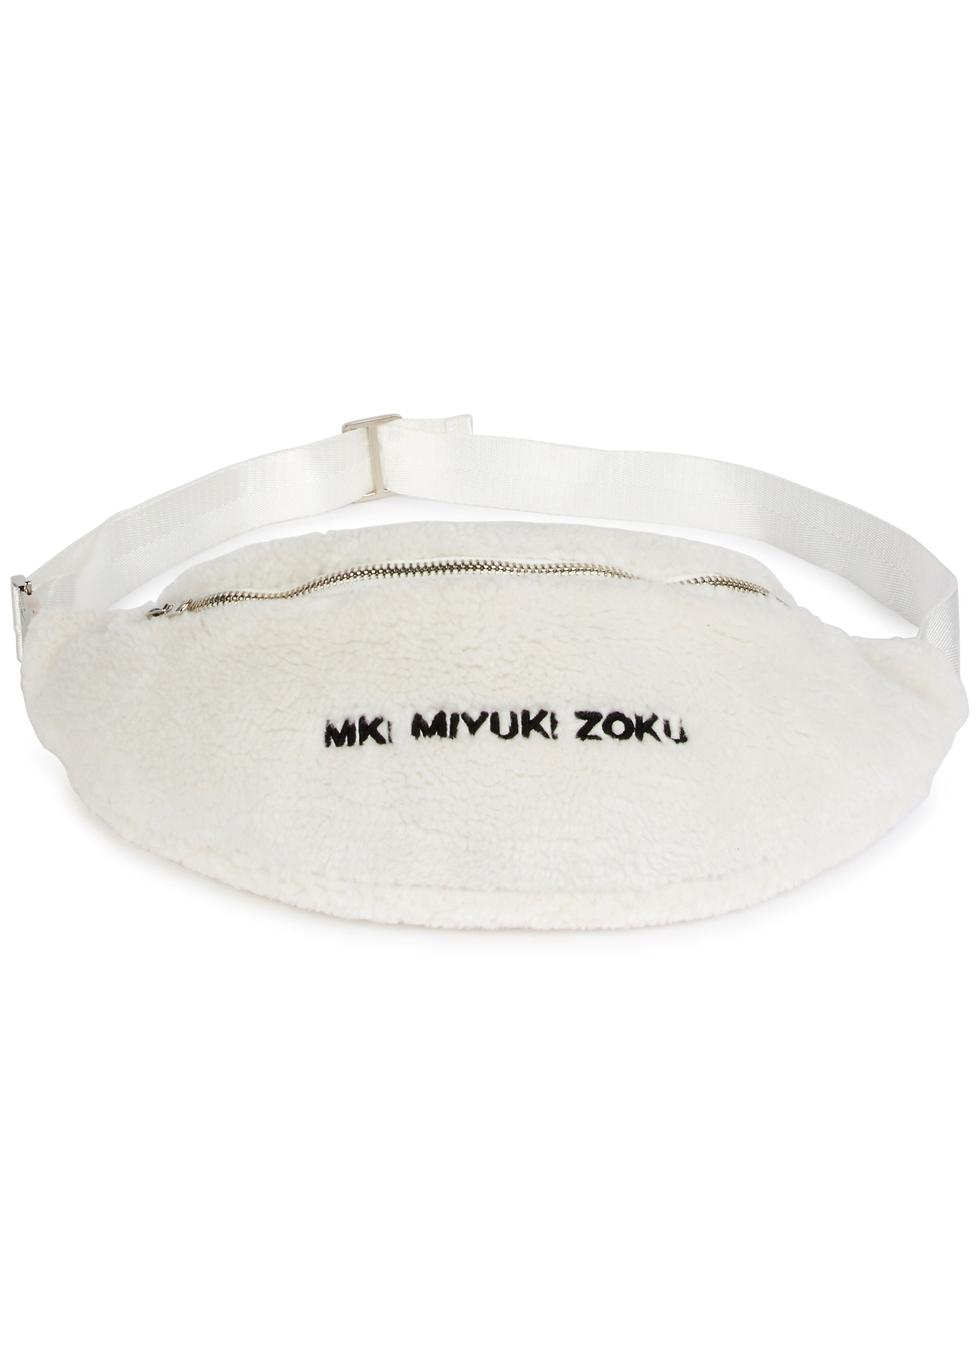 MKI MIYUKI ZOKU WHITE FLEECE BELT BAG